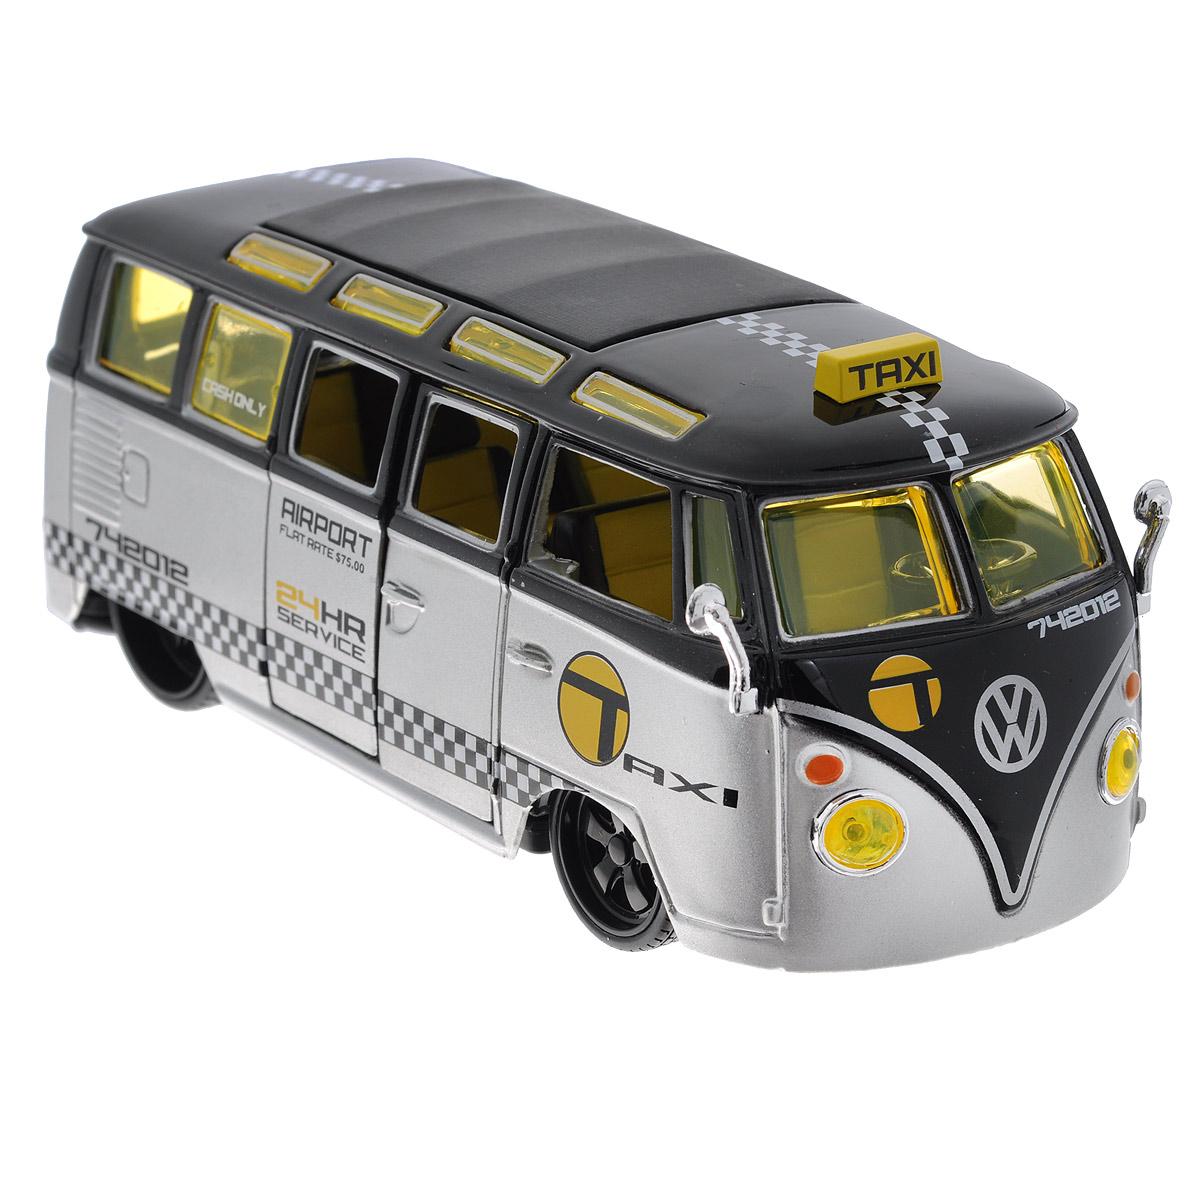 Maisto Модель автомобиля Volkswagen Van Samba31364Коллекционная модель Maisto Volkswagen Van Samba - миниатюрная копия настоящего автомобиля. Стильная модель автомобиля привлечет к себе внимание не только детей, но и взрослых. Модель имеет литой металлический корпус с высокой детализацией двигателя, интерьера салона, дисков, протекторов, выхлопной системы, оснащена колесами из мягкой резины. У машинки открываются дверцы фургона, сгибаются спинки кресел внутри салона. Игрушка в точности повторяет модель оригинальной техники, подробная детализация в полной мере позволит вам оценить высокую точность копии этой машины! Такая модель станет отличным подарком не только любителю автомобилей, но и человеку, ценящему оригинальность и изысканность, а качество исполнения представит такой подарок в самом лучшем свете.